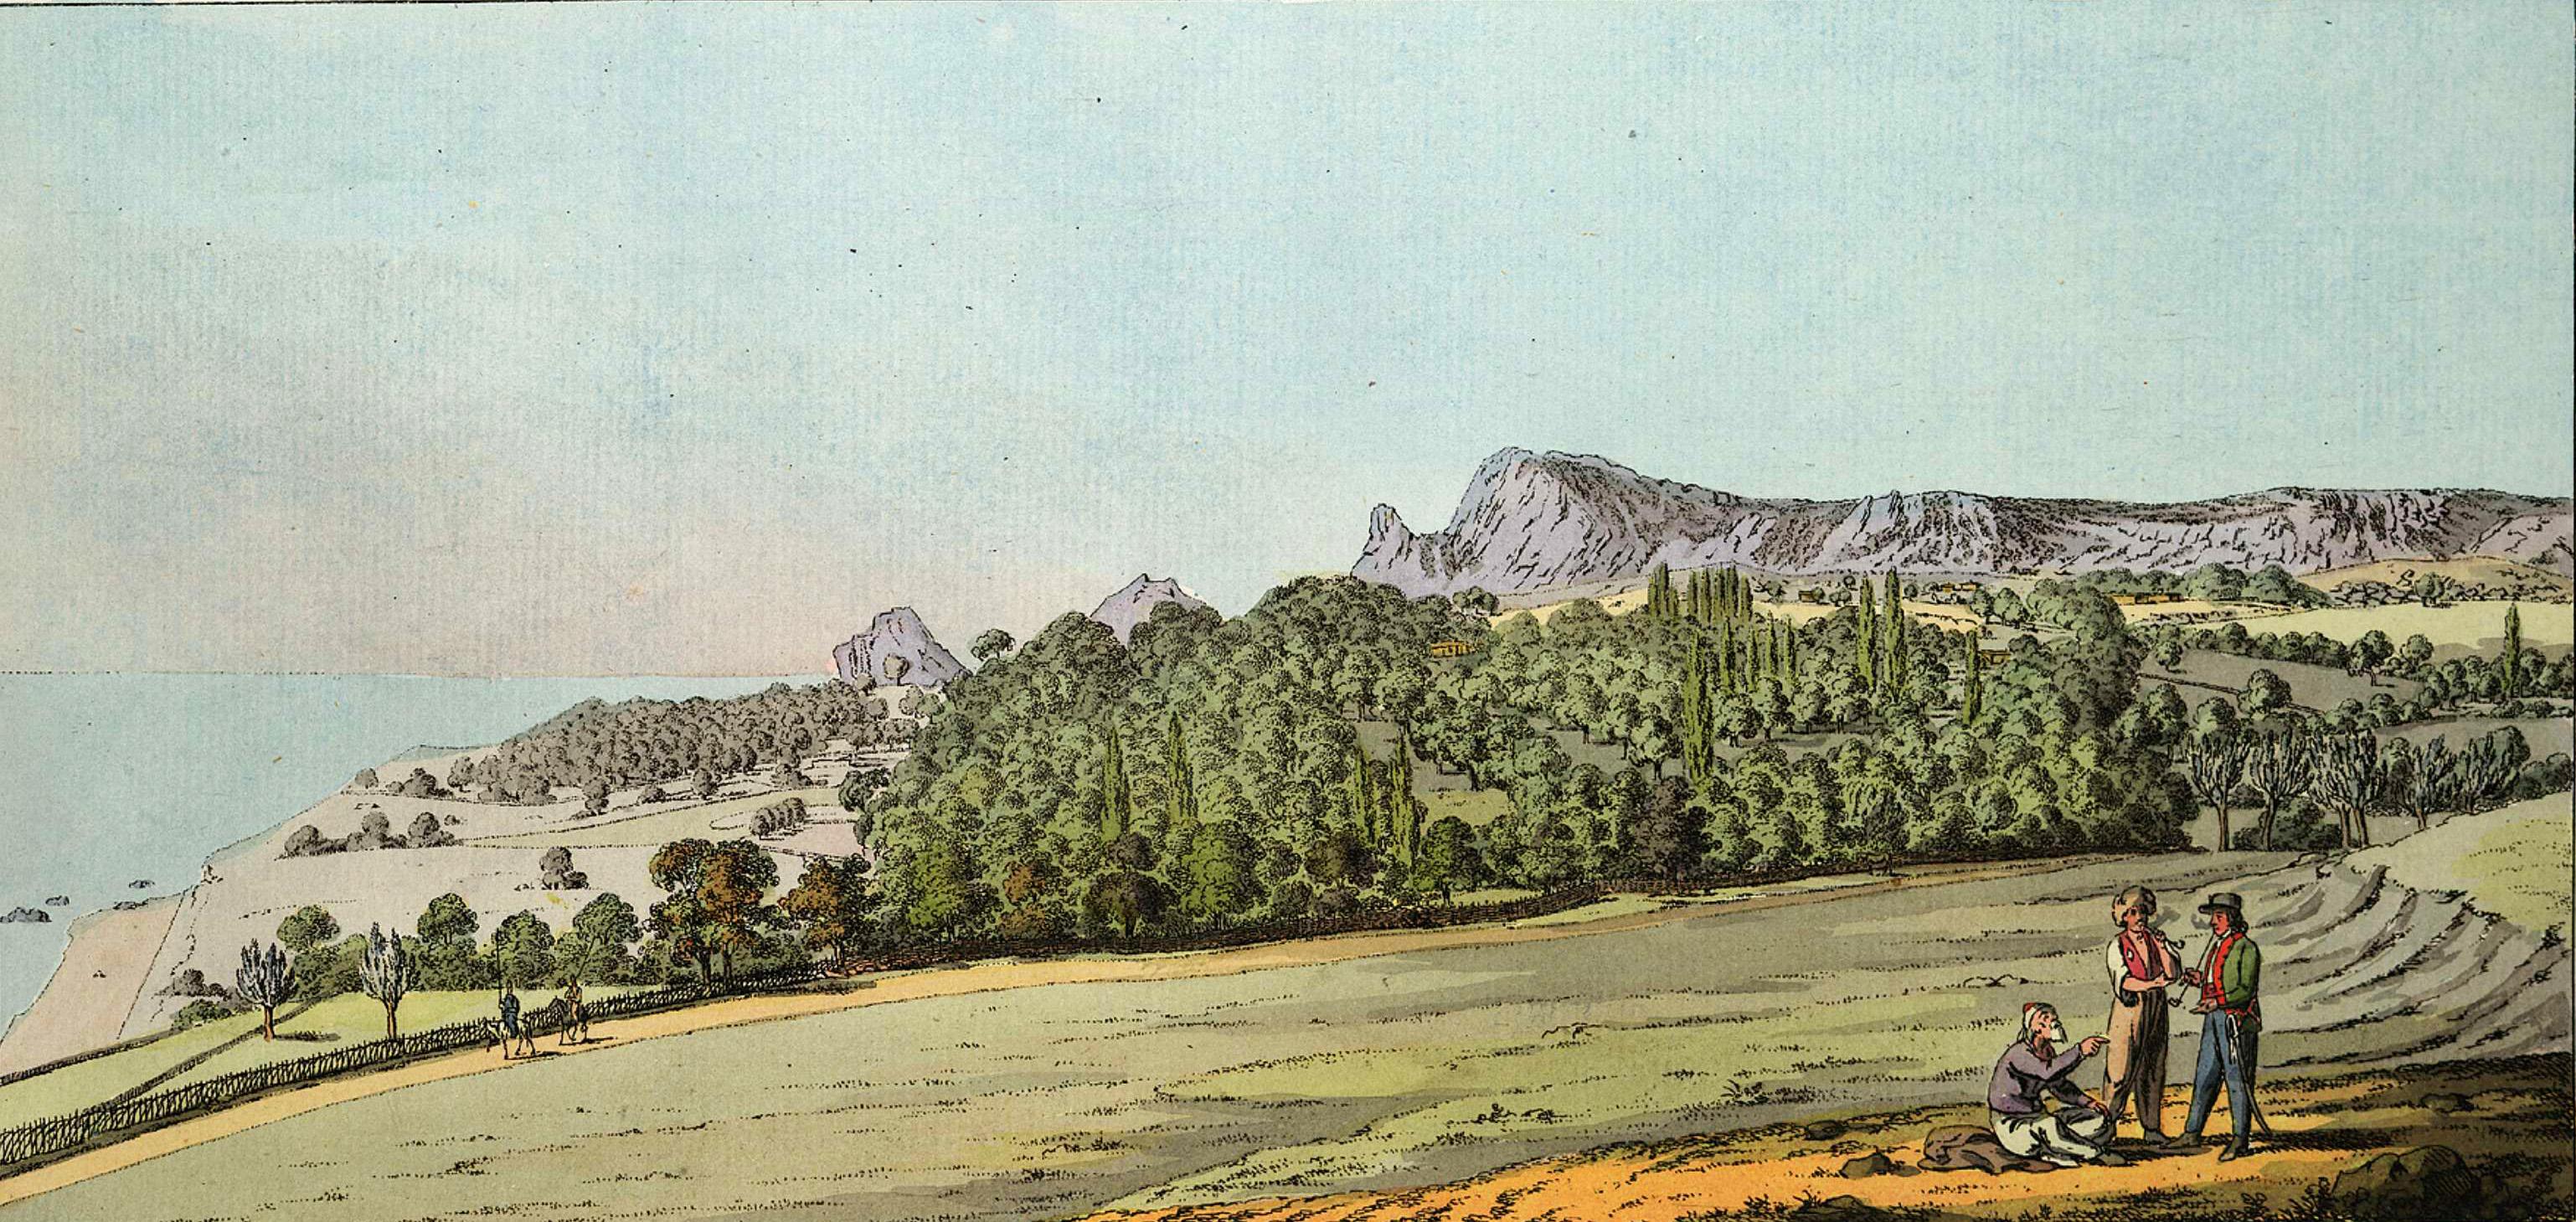 2-11. Долина Семеис, обильно покрытая оливковыми деревьями, окруженная высокими скалистыми горами с открытым видом на море, дающая представление о приятных долинах Южного Крыма.